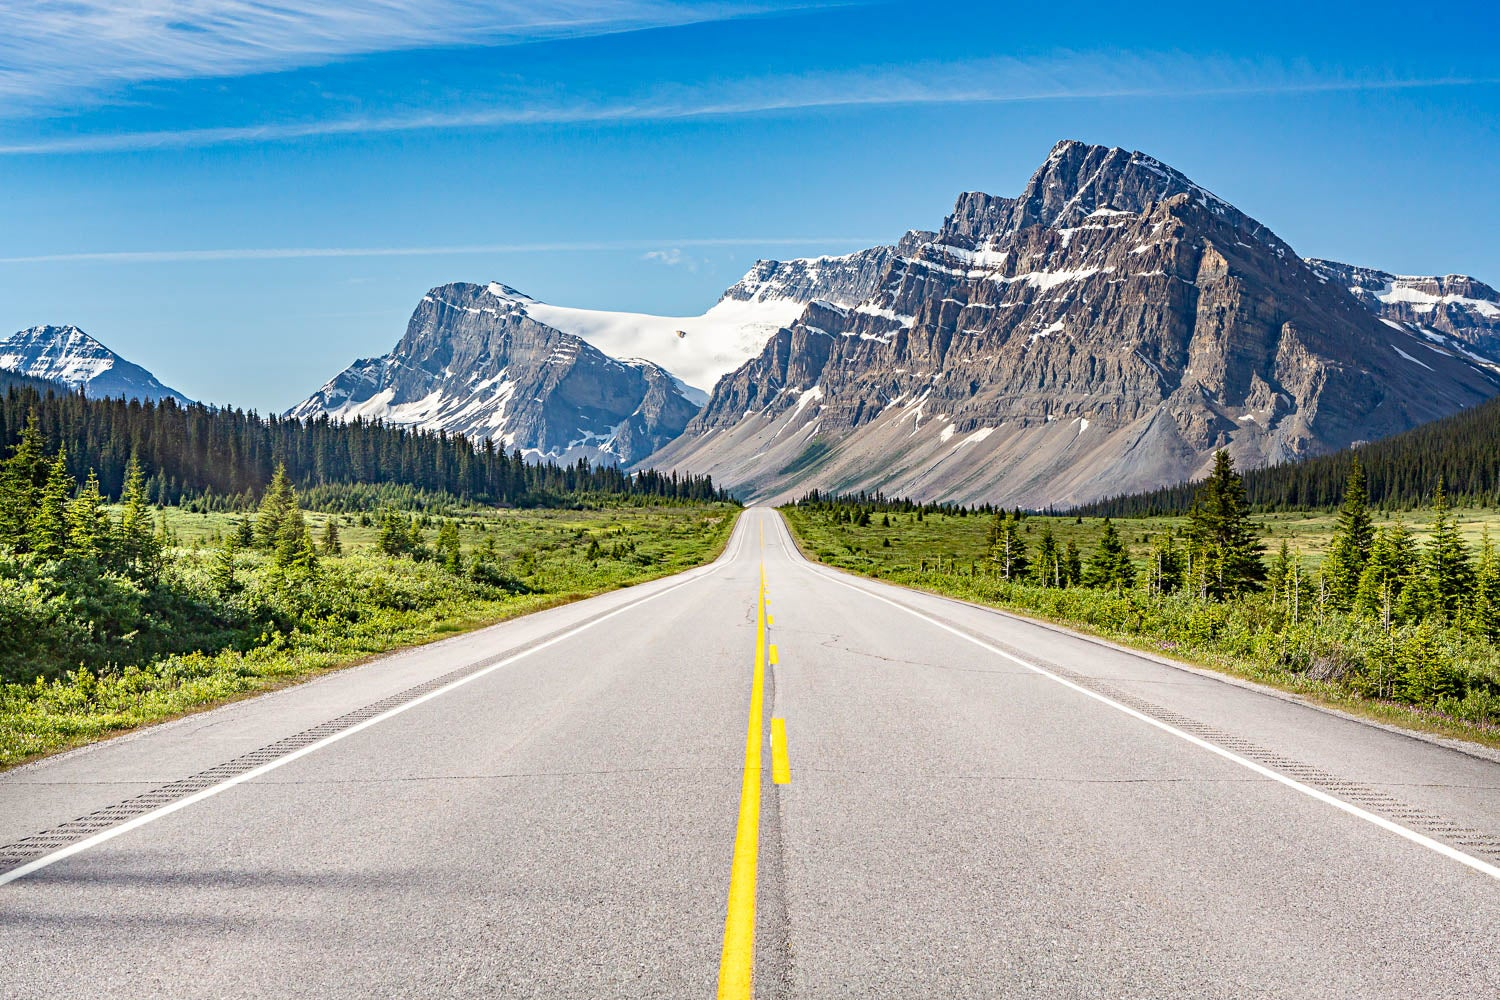 Image of Glacier road - West Canada